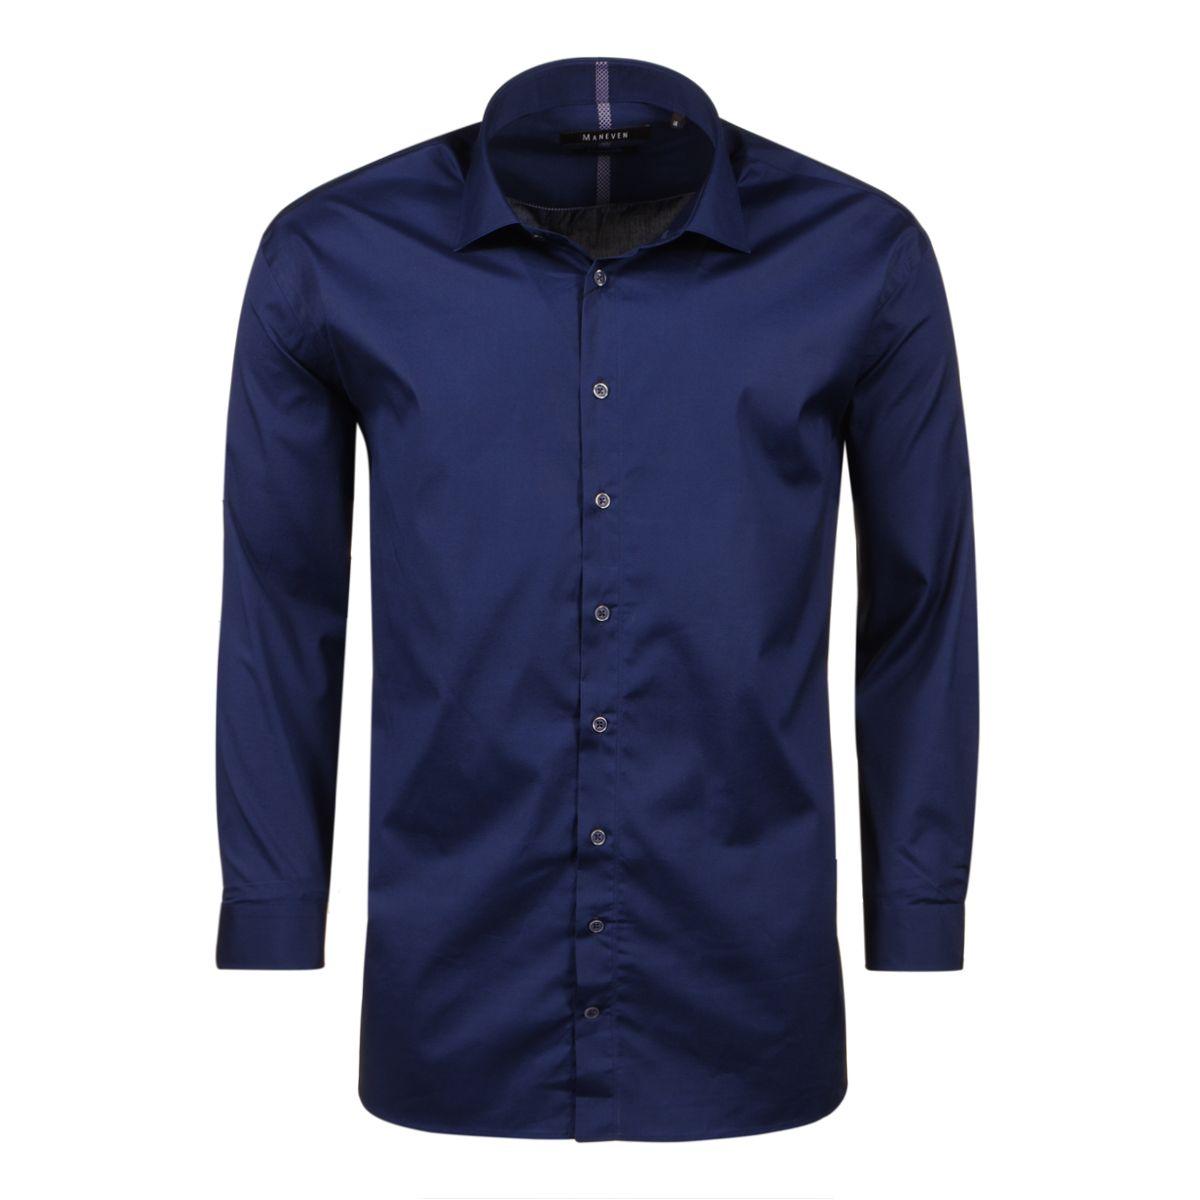 chemise bleue grande taille du 44 xl au 54 6xl size factory maneven. Black Bedroom Furniture Sets. Home Design Ideas